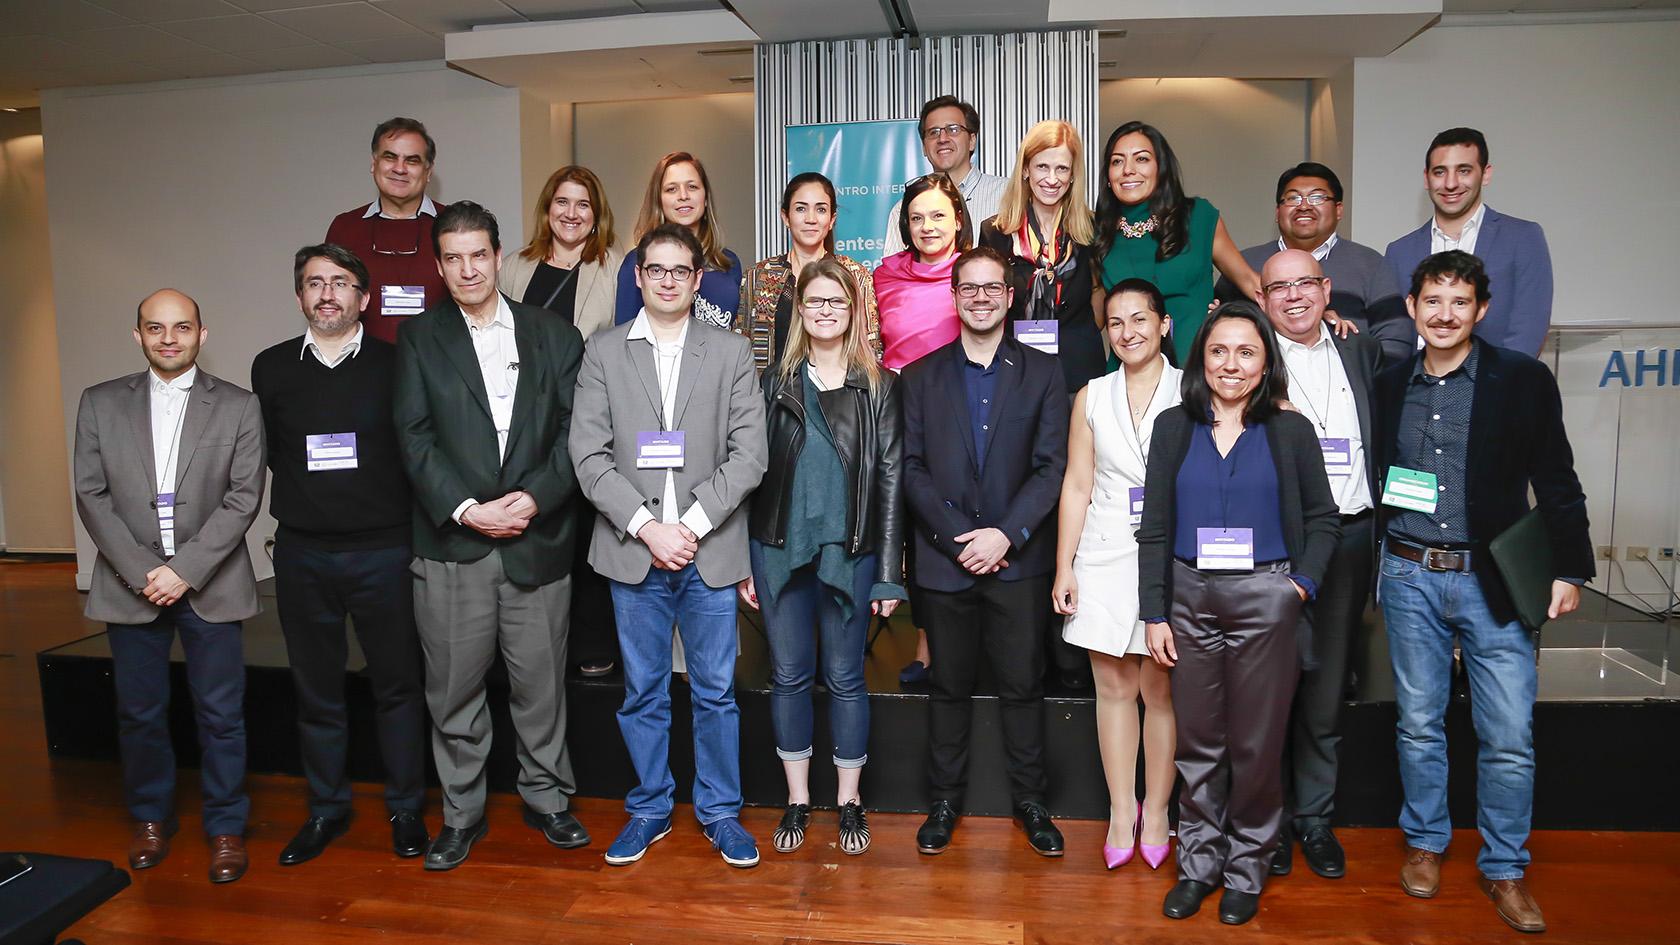 Imágenes de las actividades llevadas a cabo por EduLab (CIPPEC) y Fundación Ceibal, sobre educación digital en América Latina